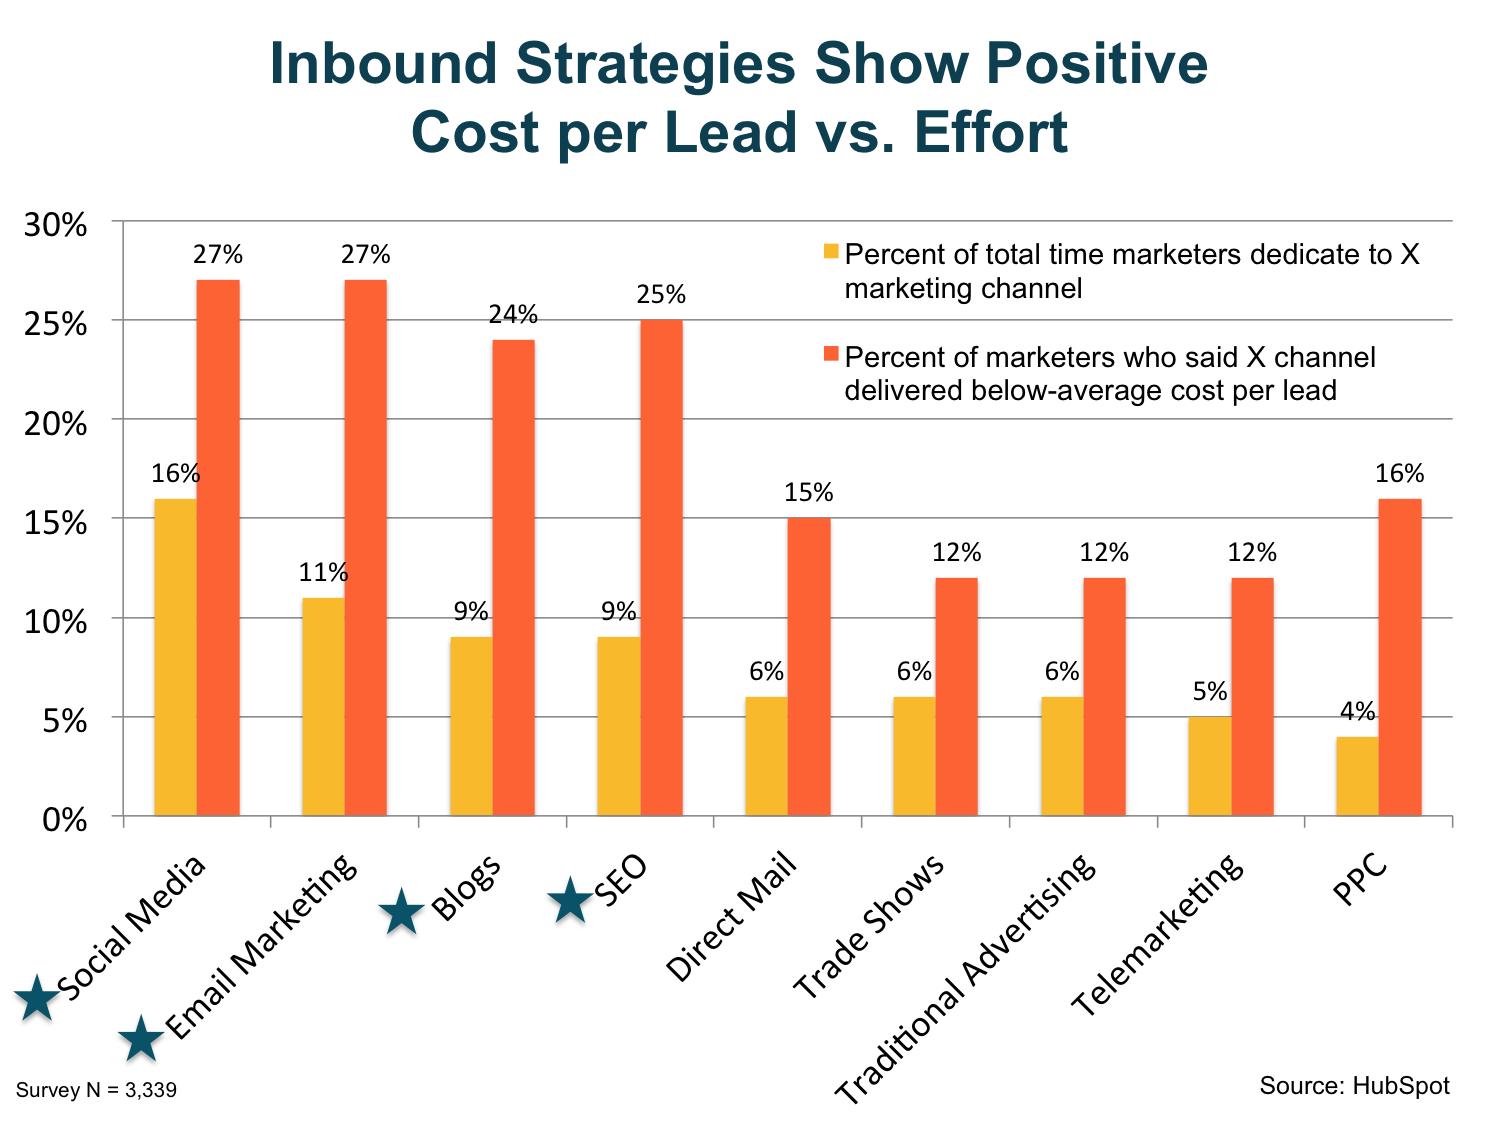 inbound_strategies_show_positive_cost_per_lead_vs_effort